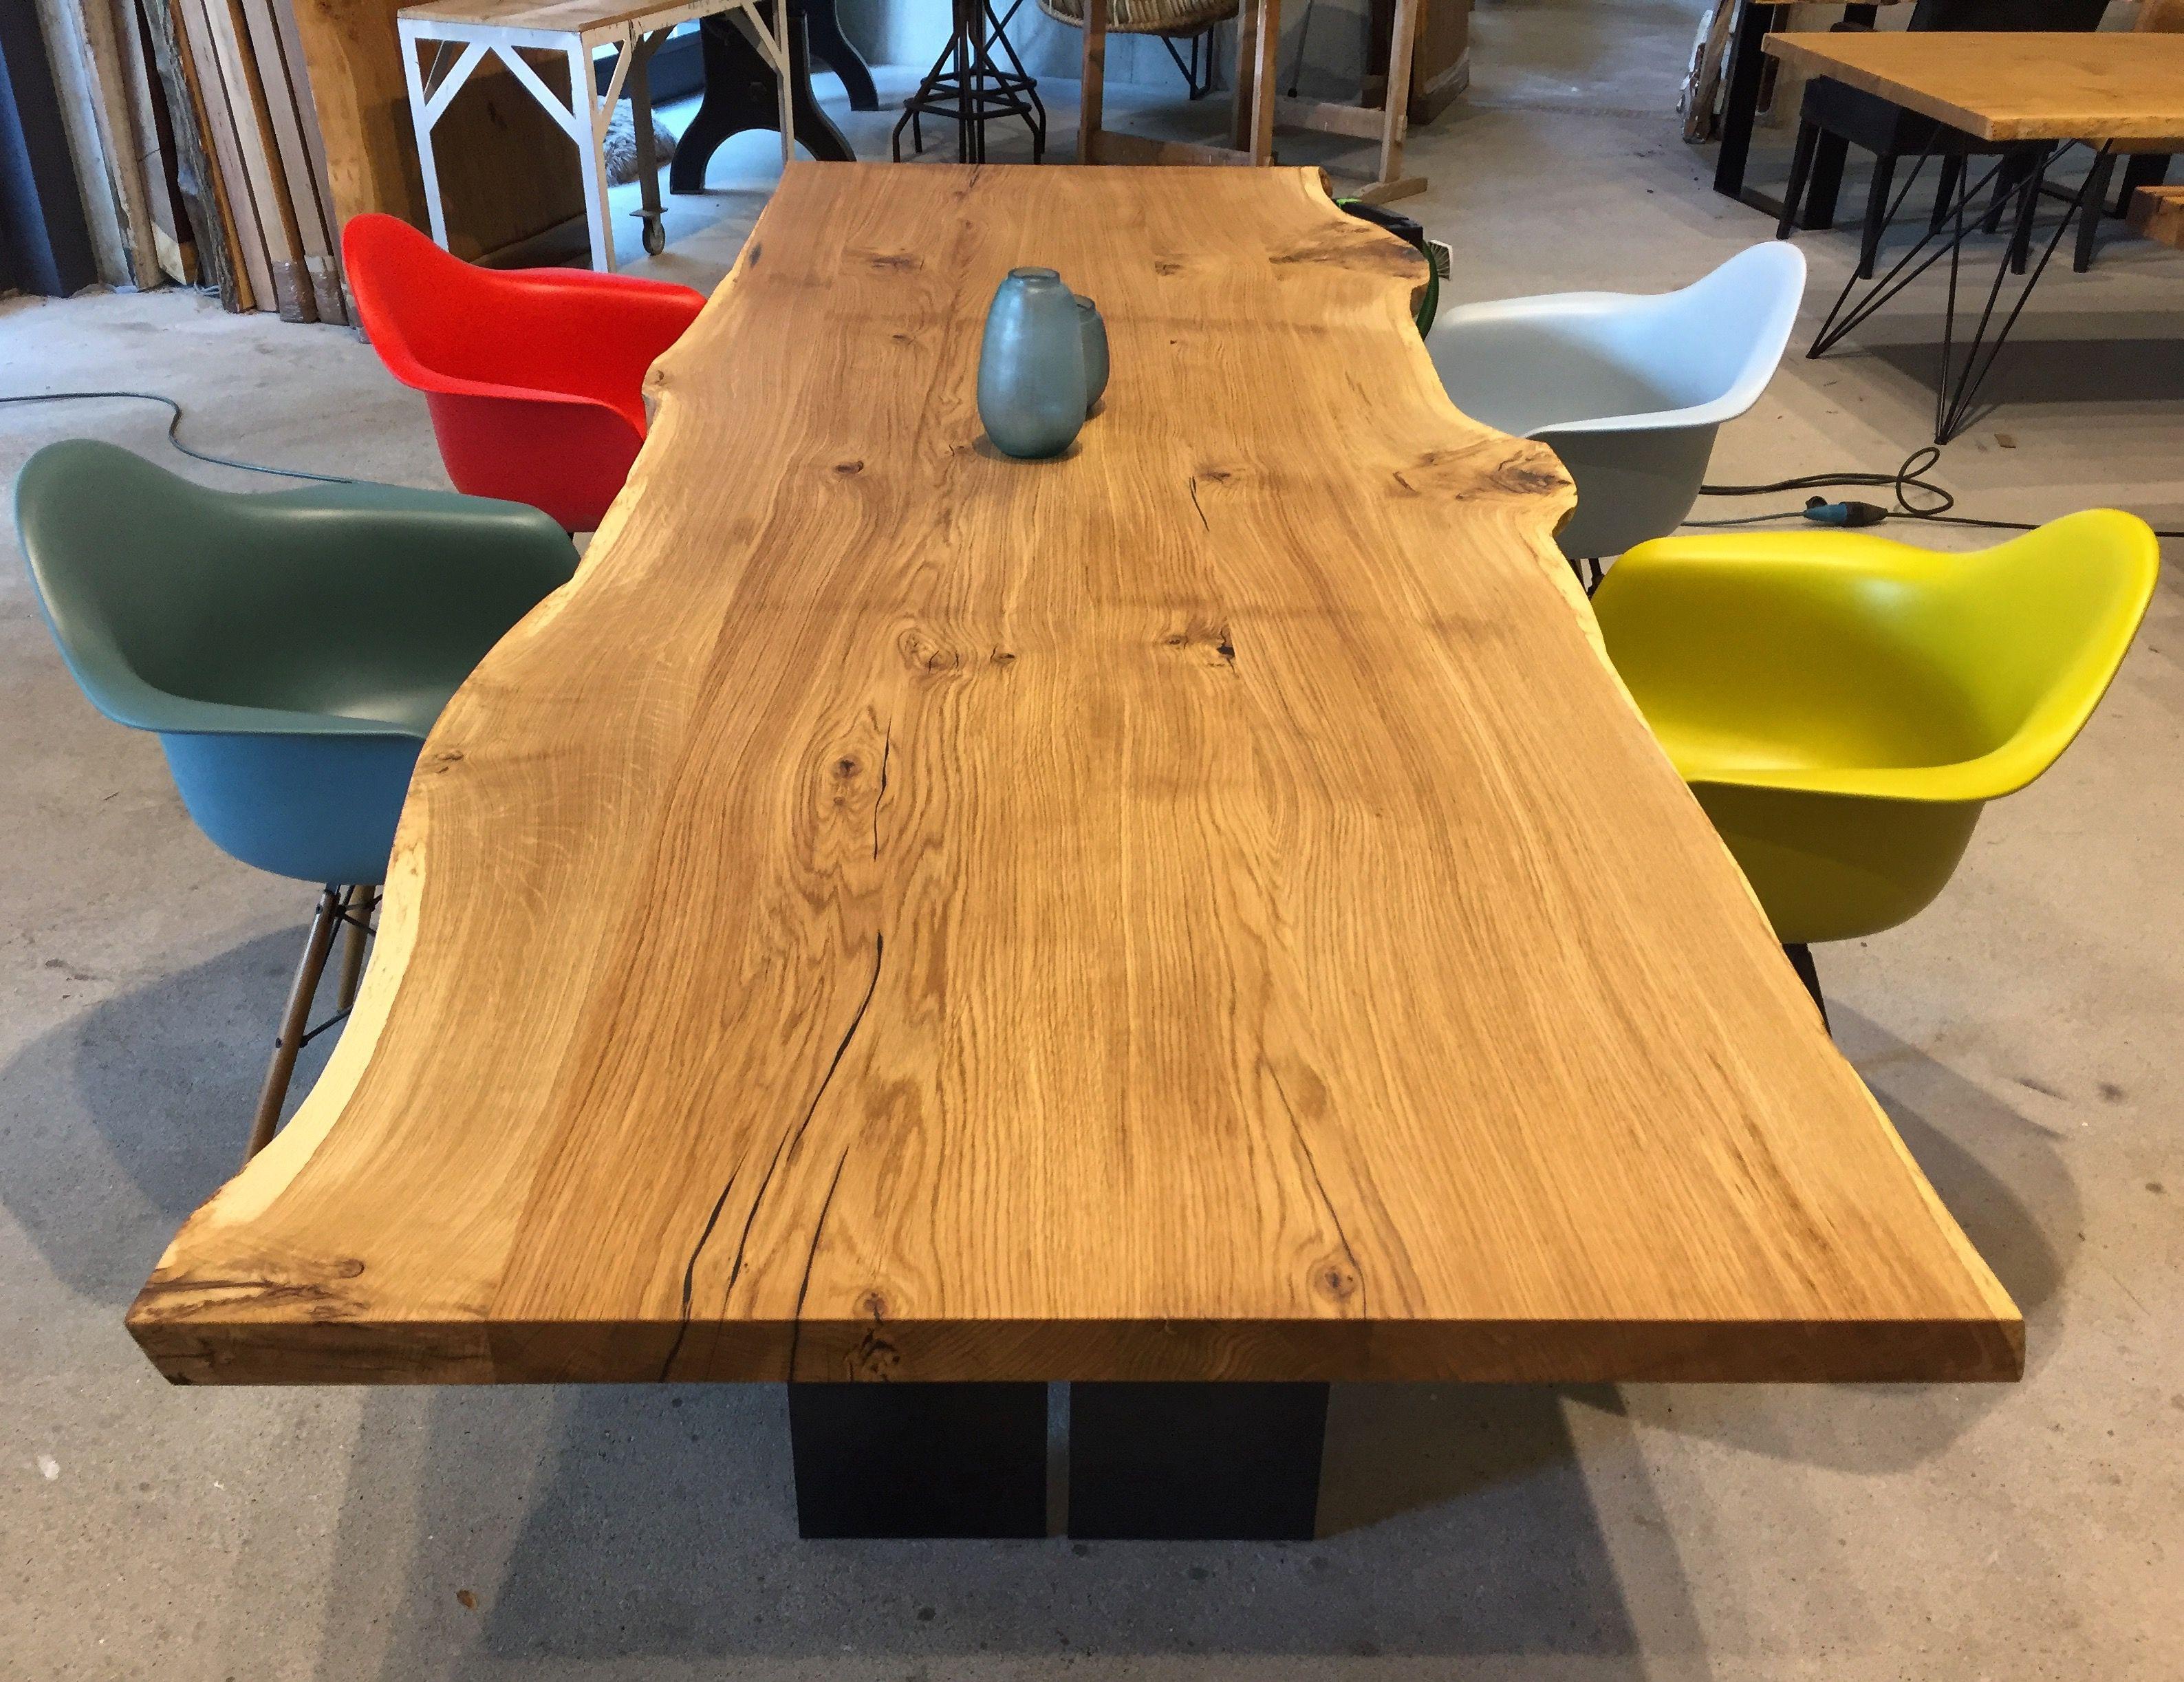 Mass Tisch tisch nach maß esstisch massivholztisch holztisch eichentisch